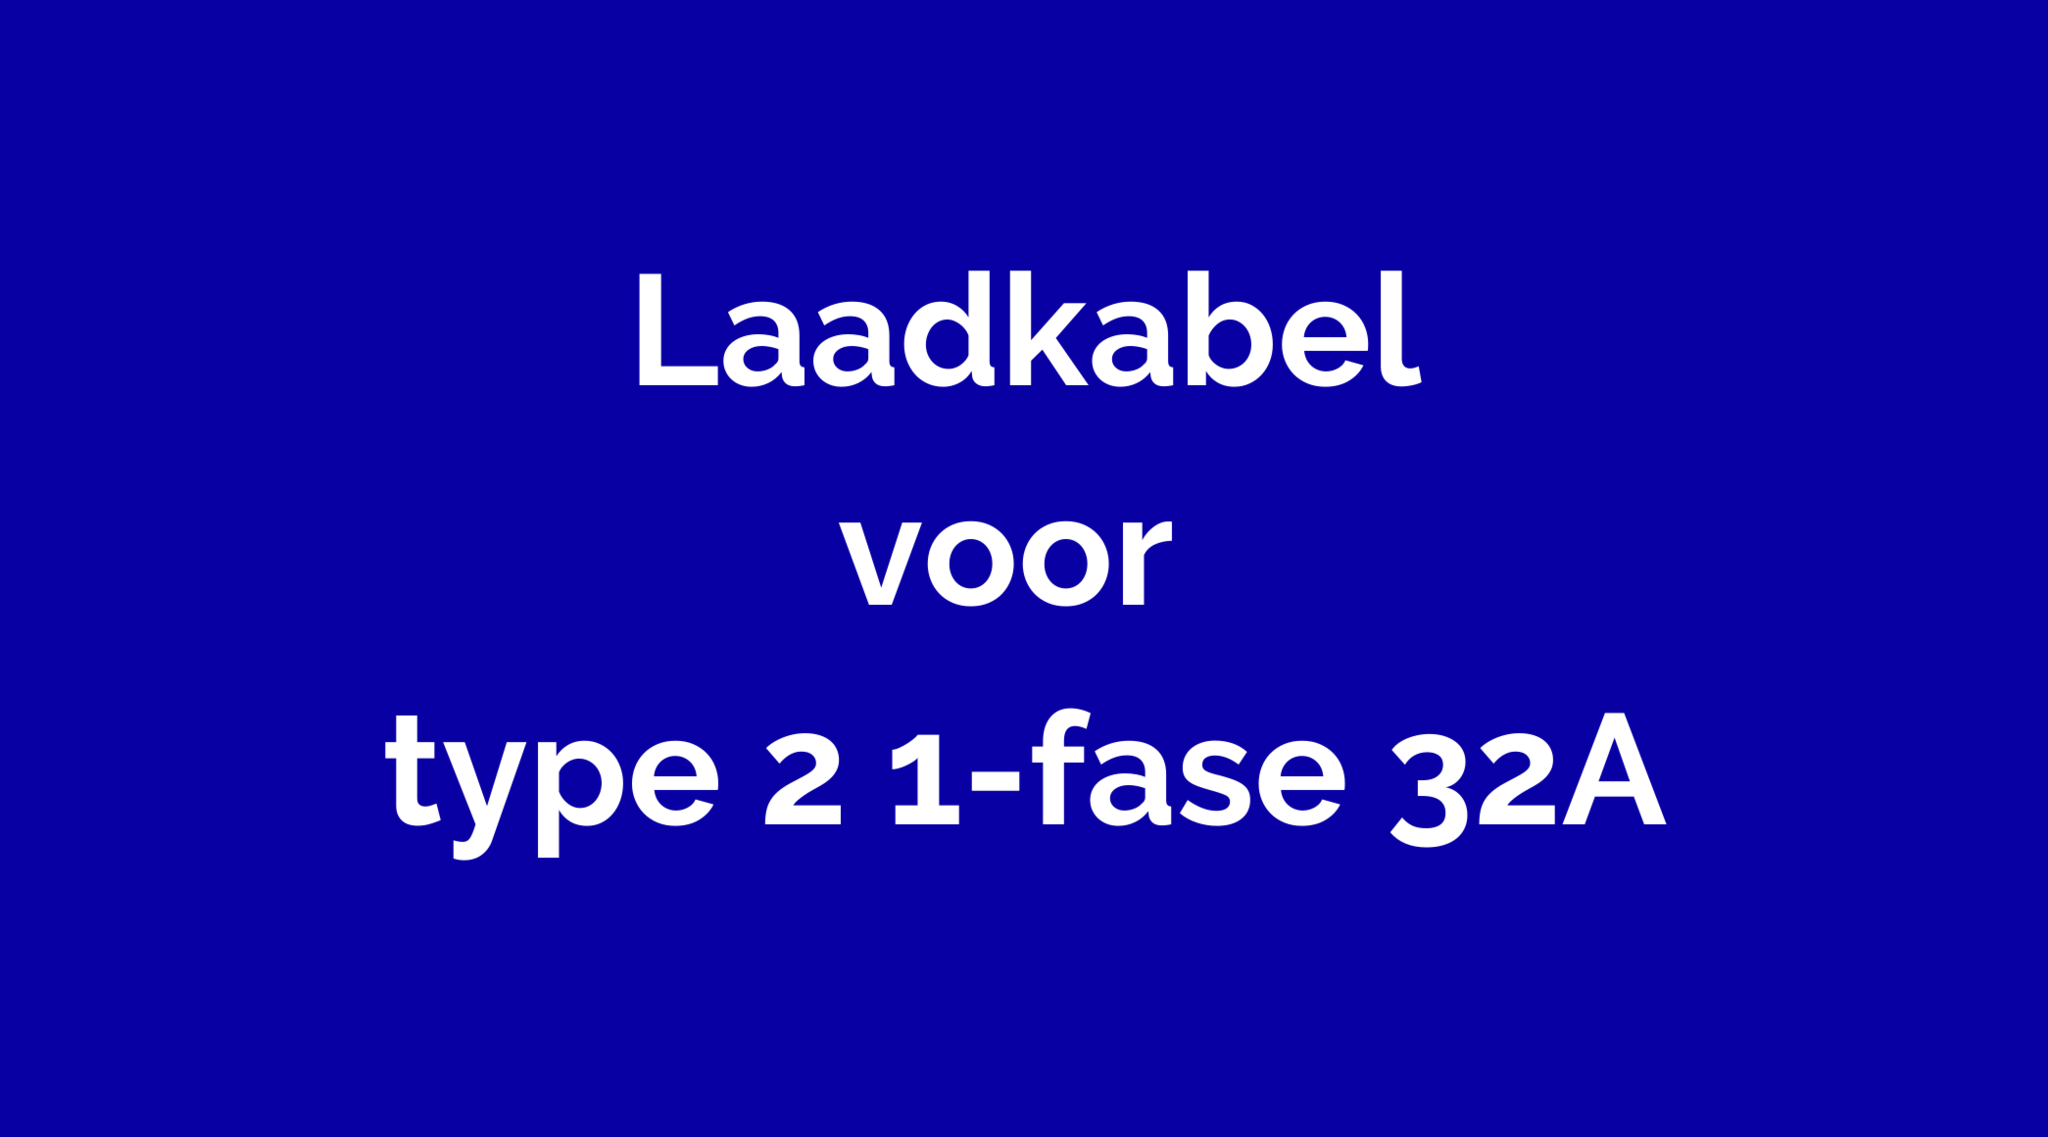 Type 2 Mennekes 1-fase 32A